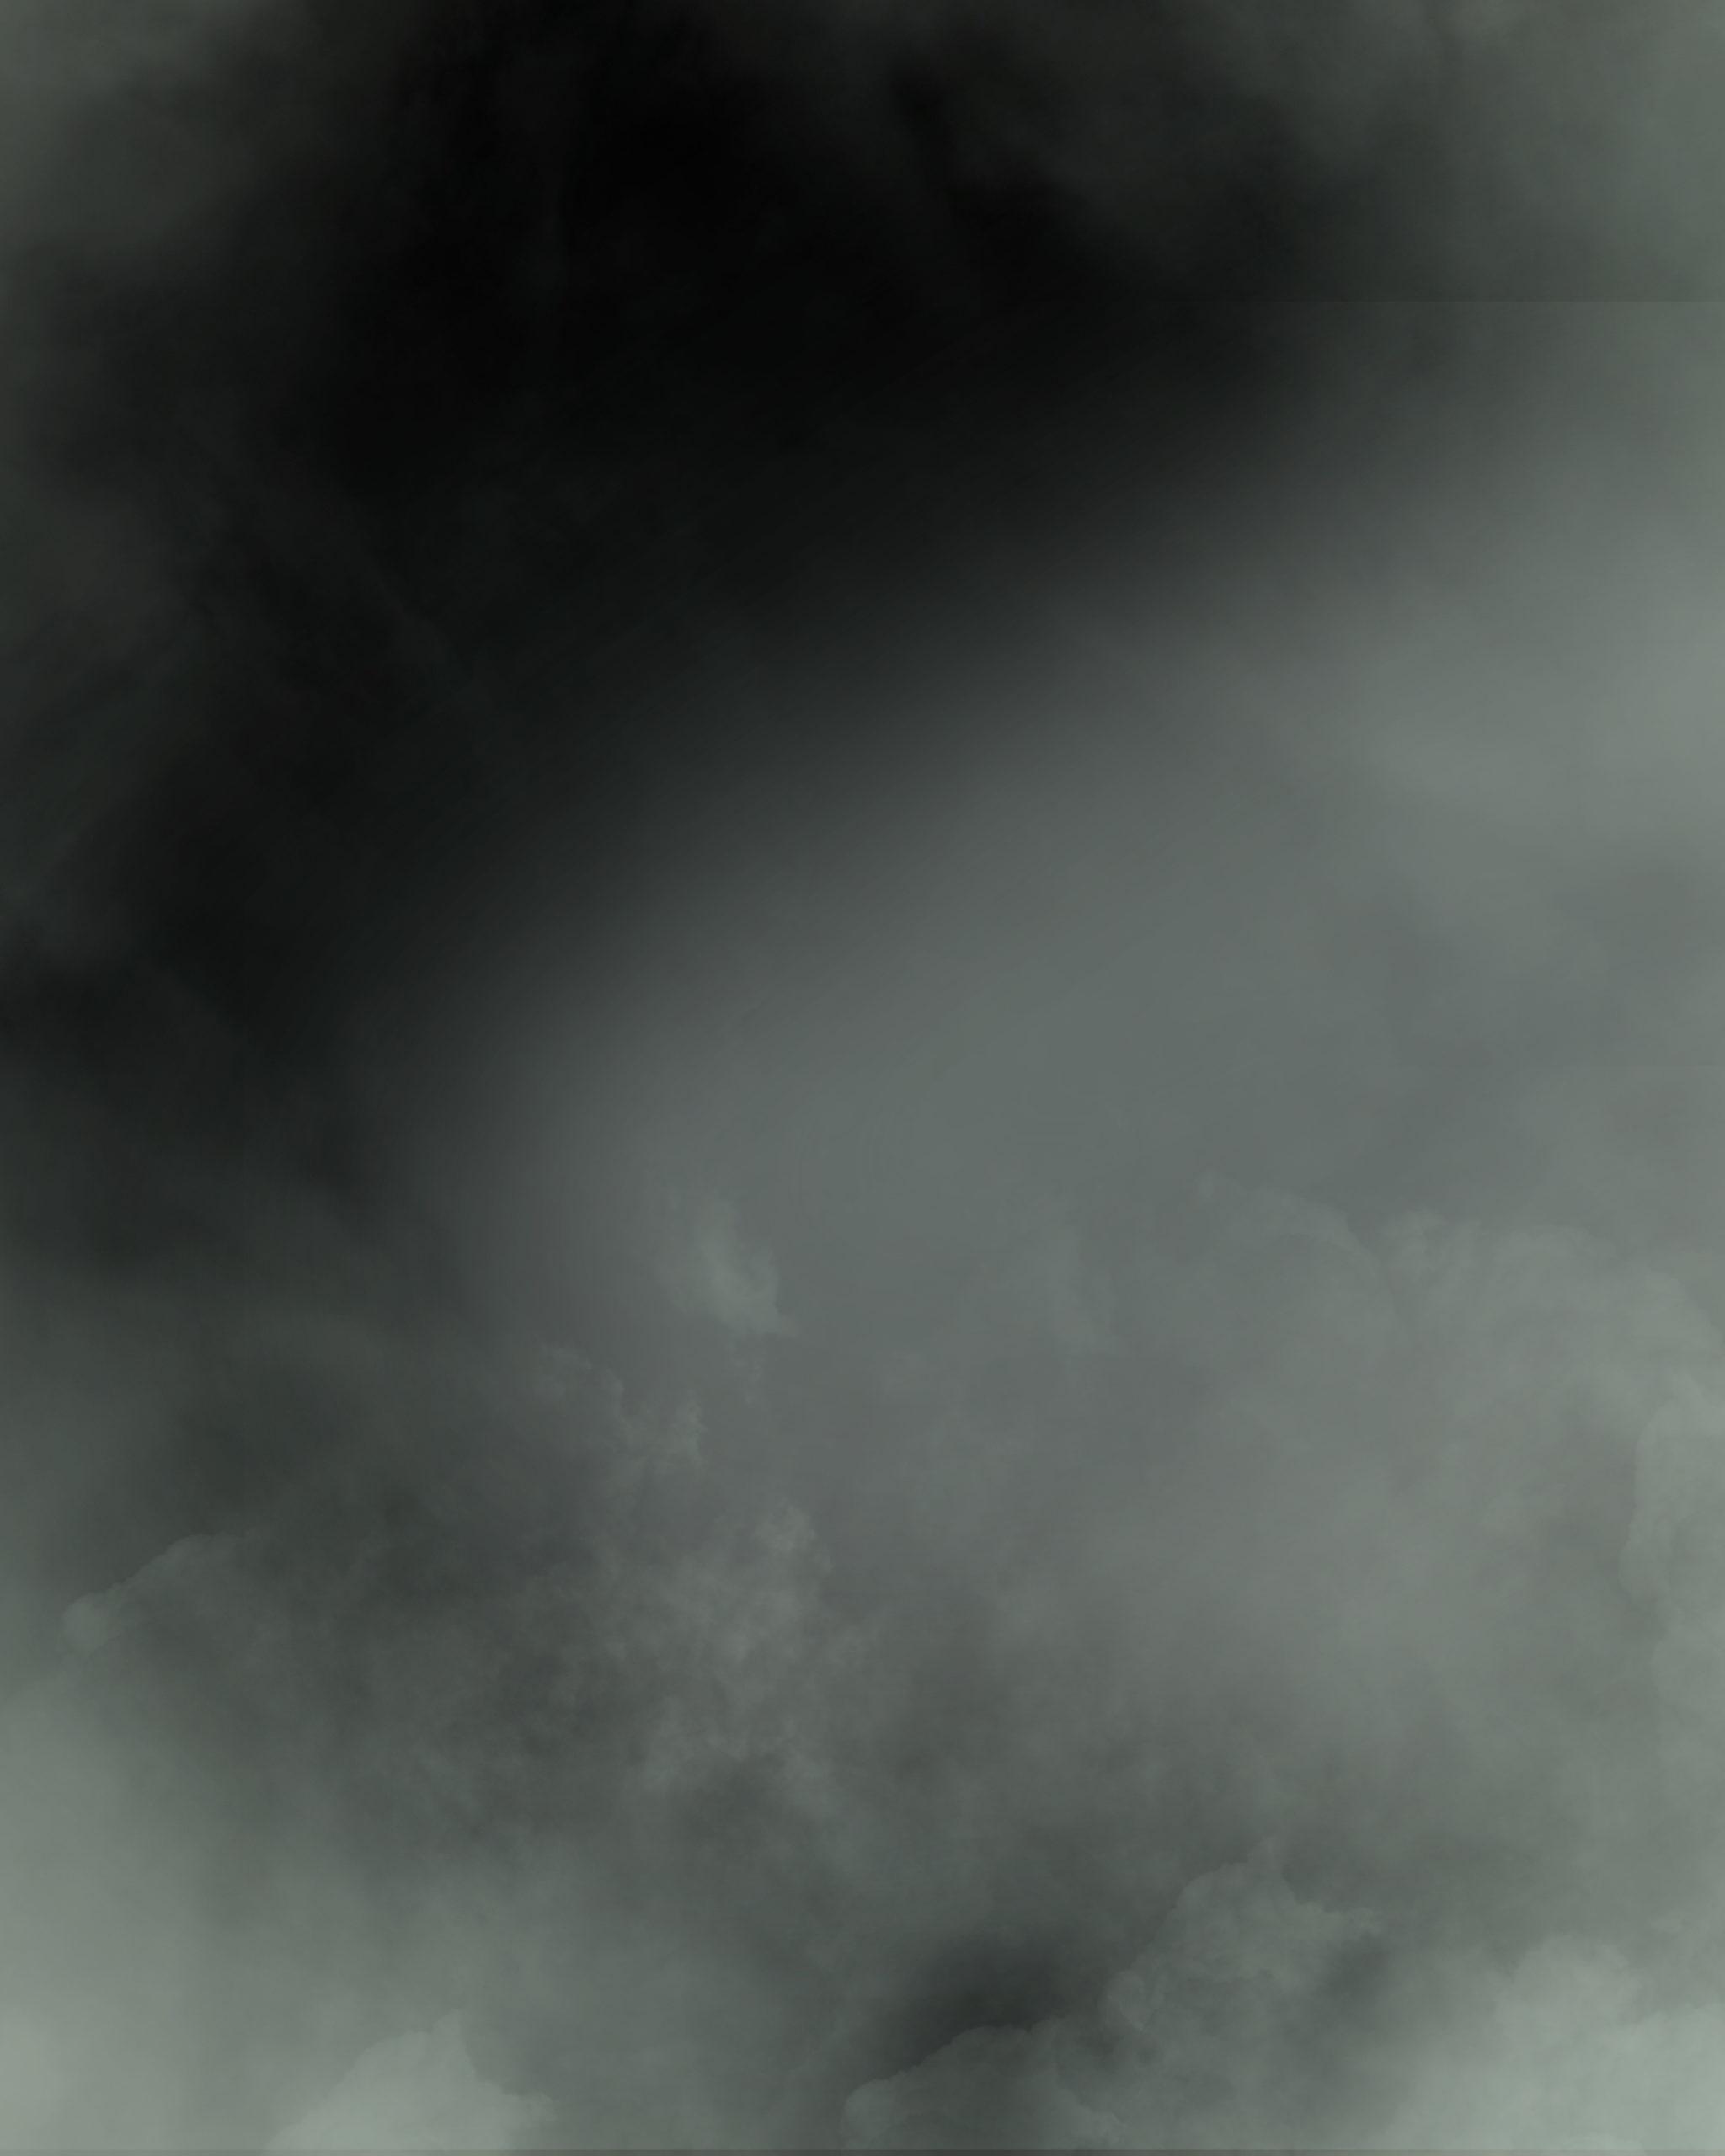 smoke overlays light